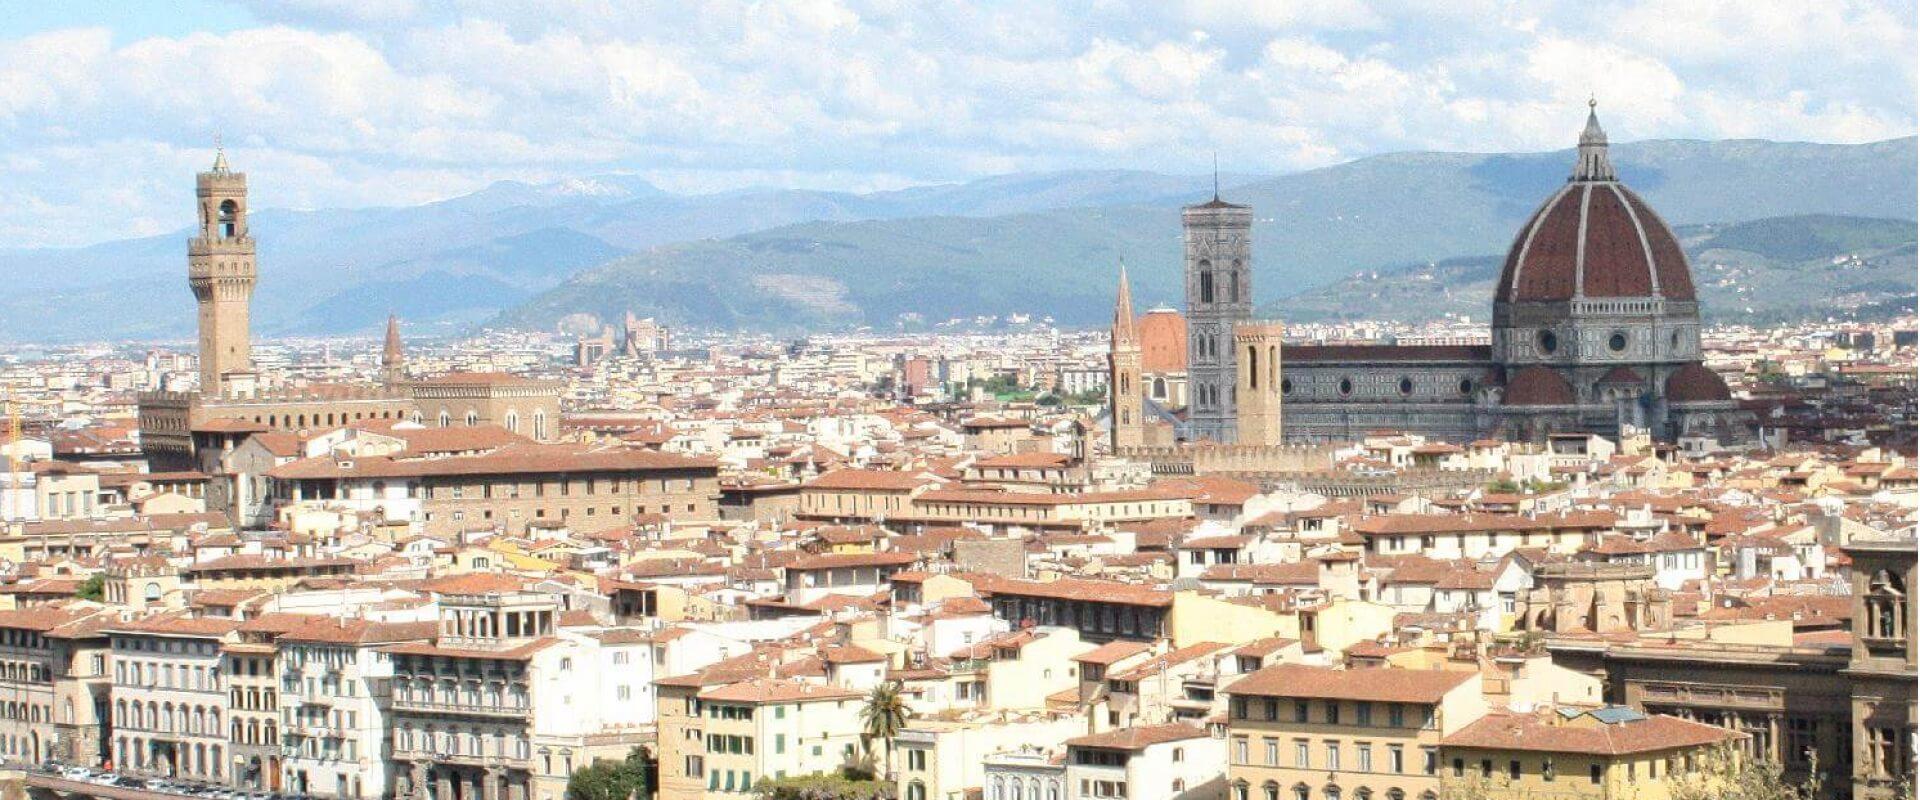 Barcelona - Côte D'Azur - Toscana Motorcycle Tour